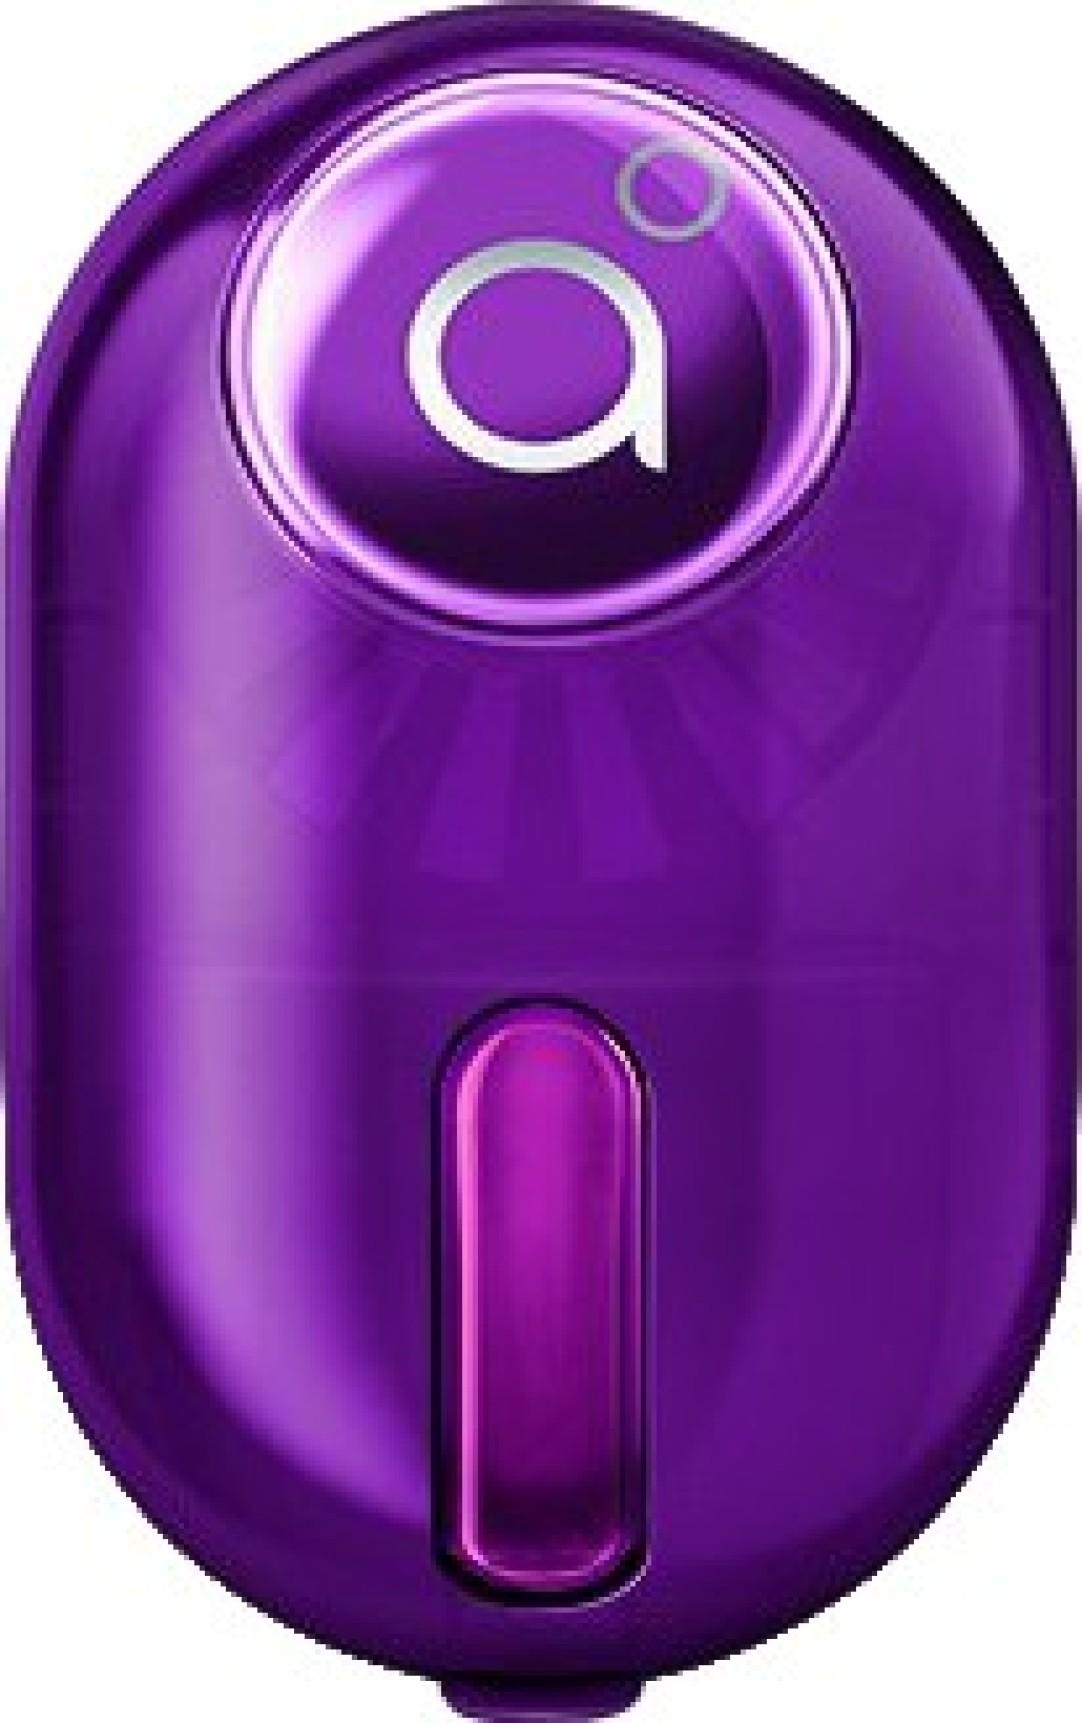 Godrej Aer Car Perfume Minimum 30% off + Buy 3 Get 10% off